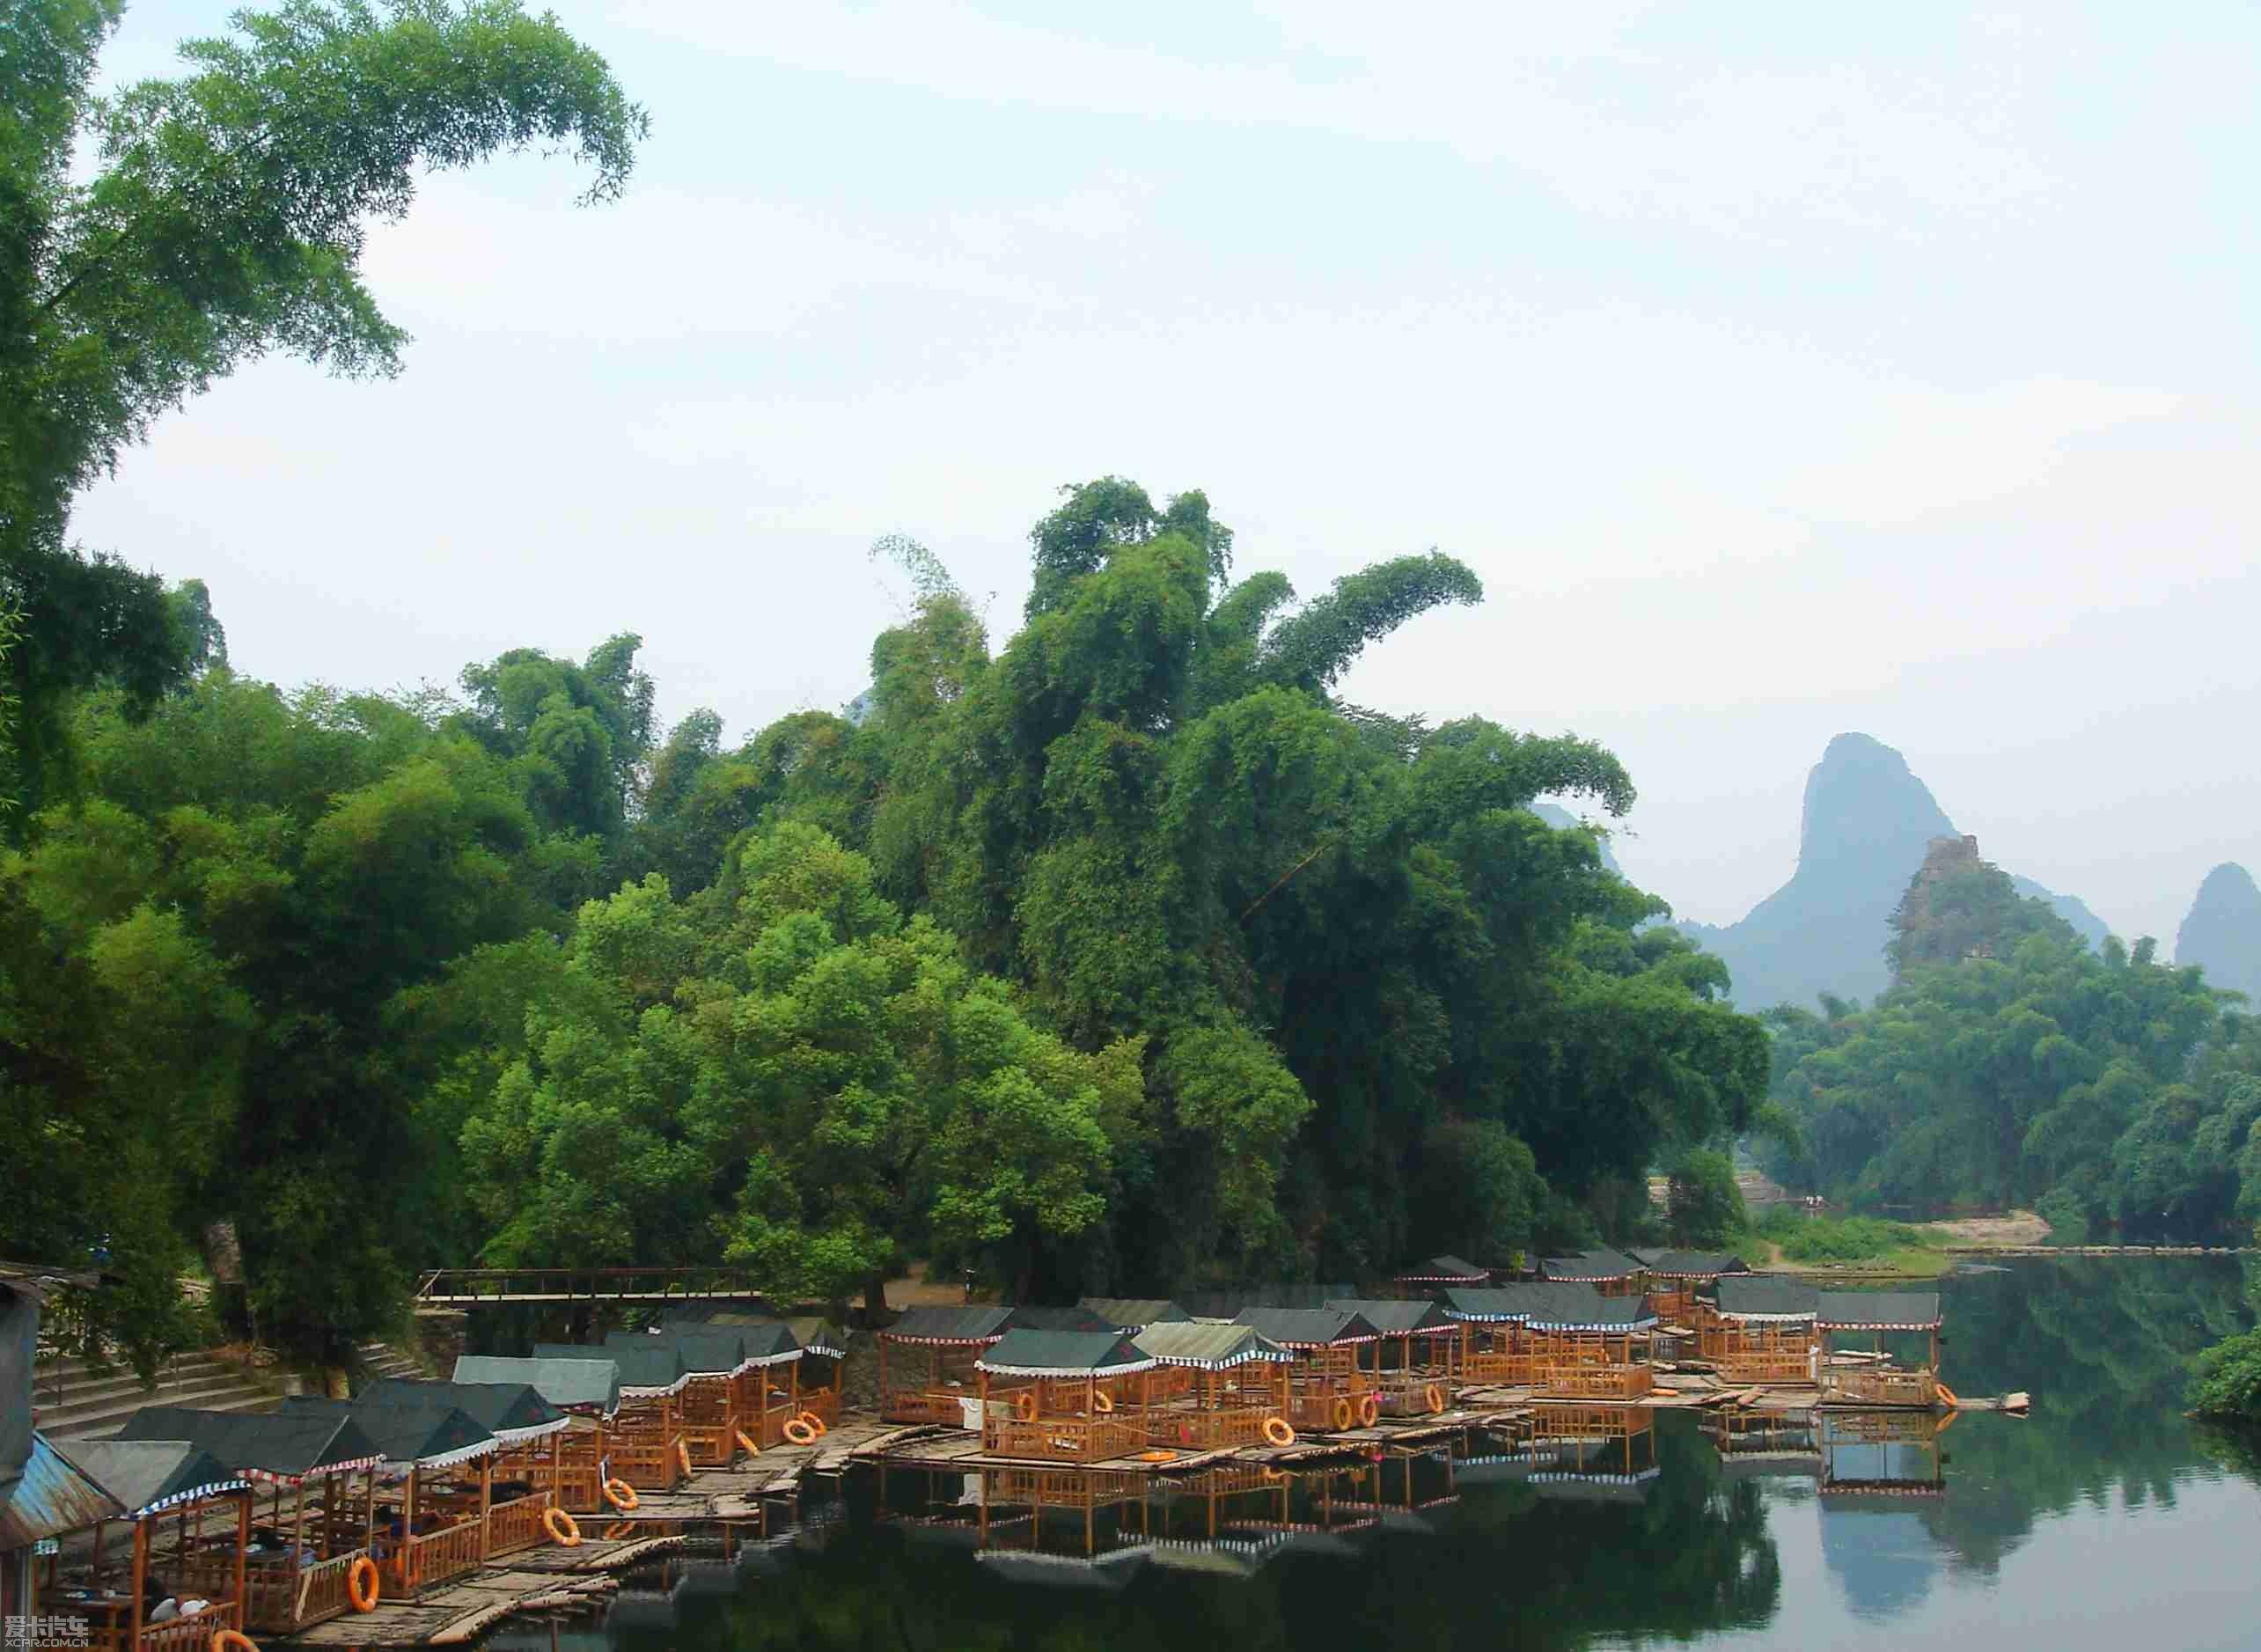 山水竹林风景壁纸,全球最美的山水风景,竹林山水荷花风景 第4页